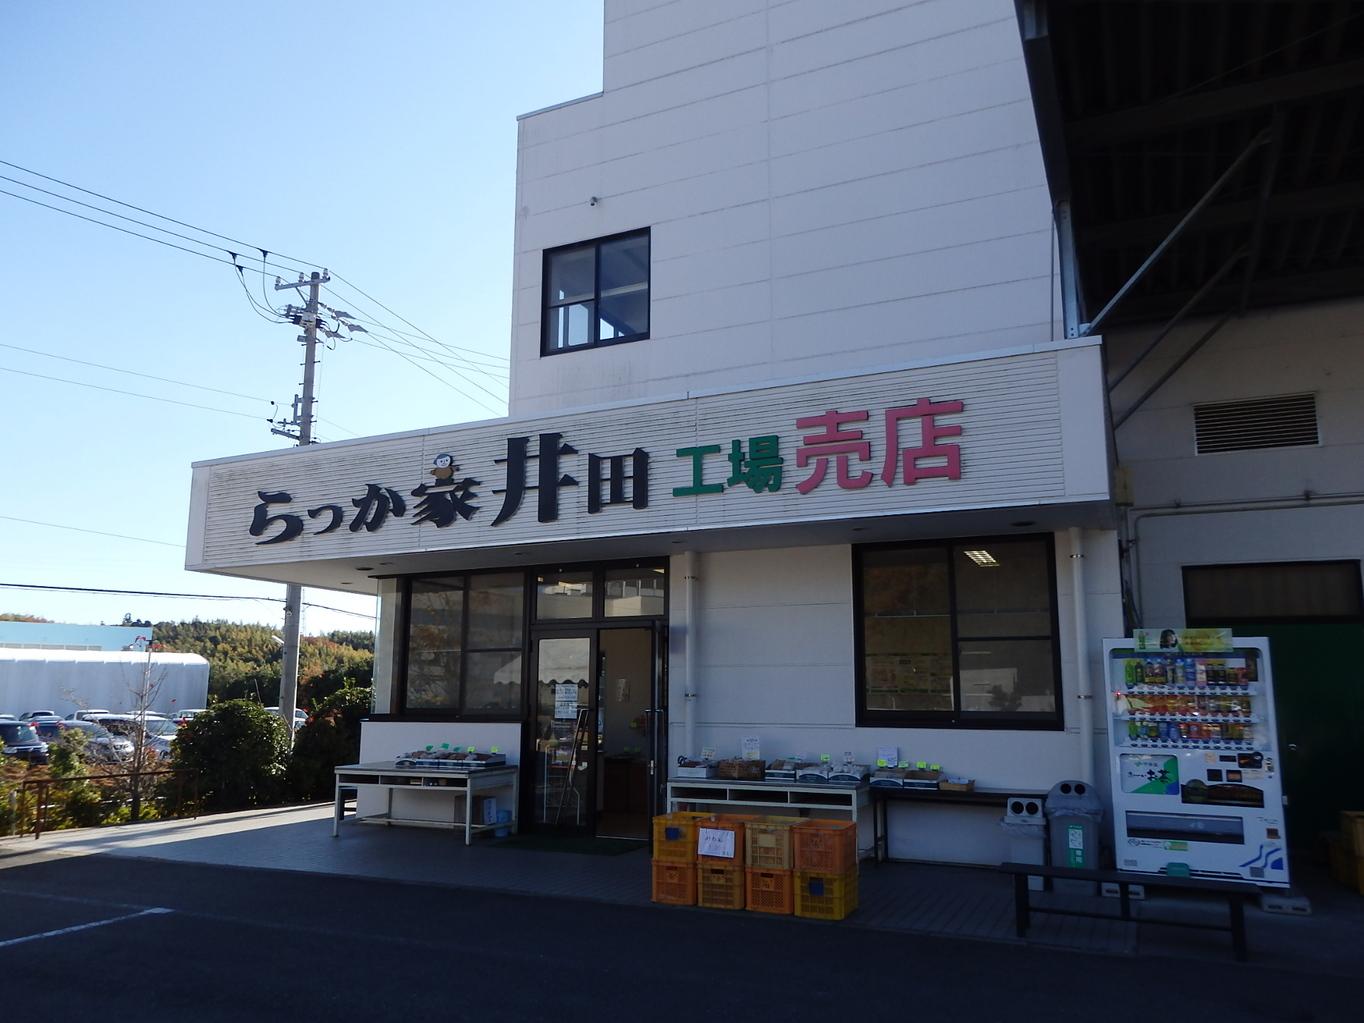 らっか家井田 name=